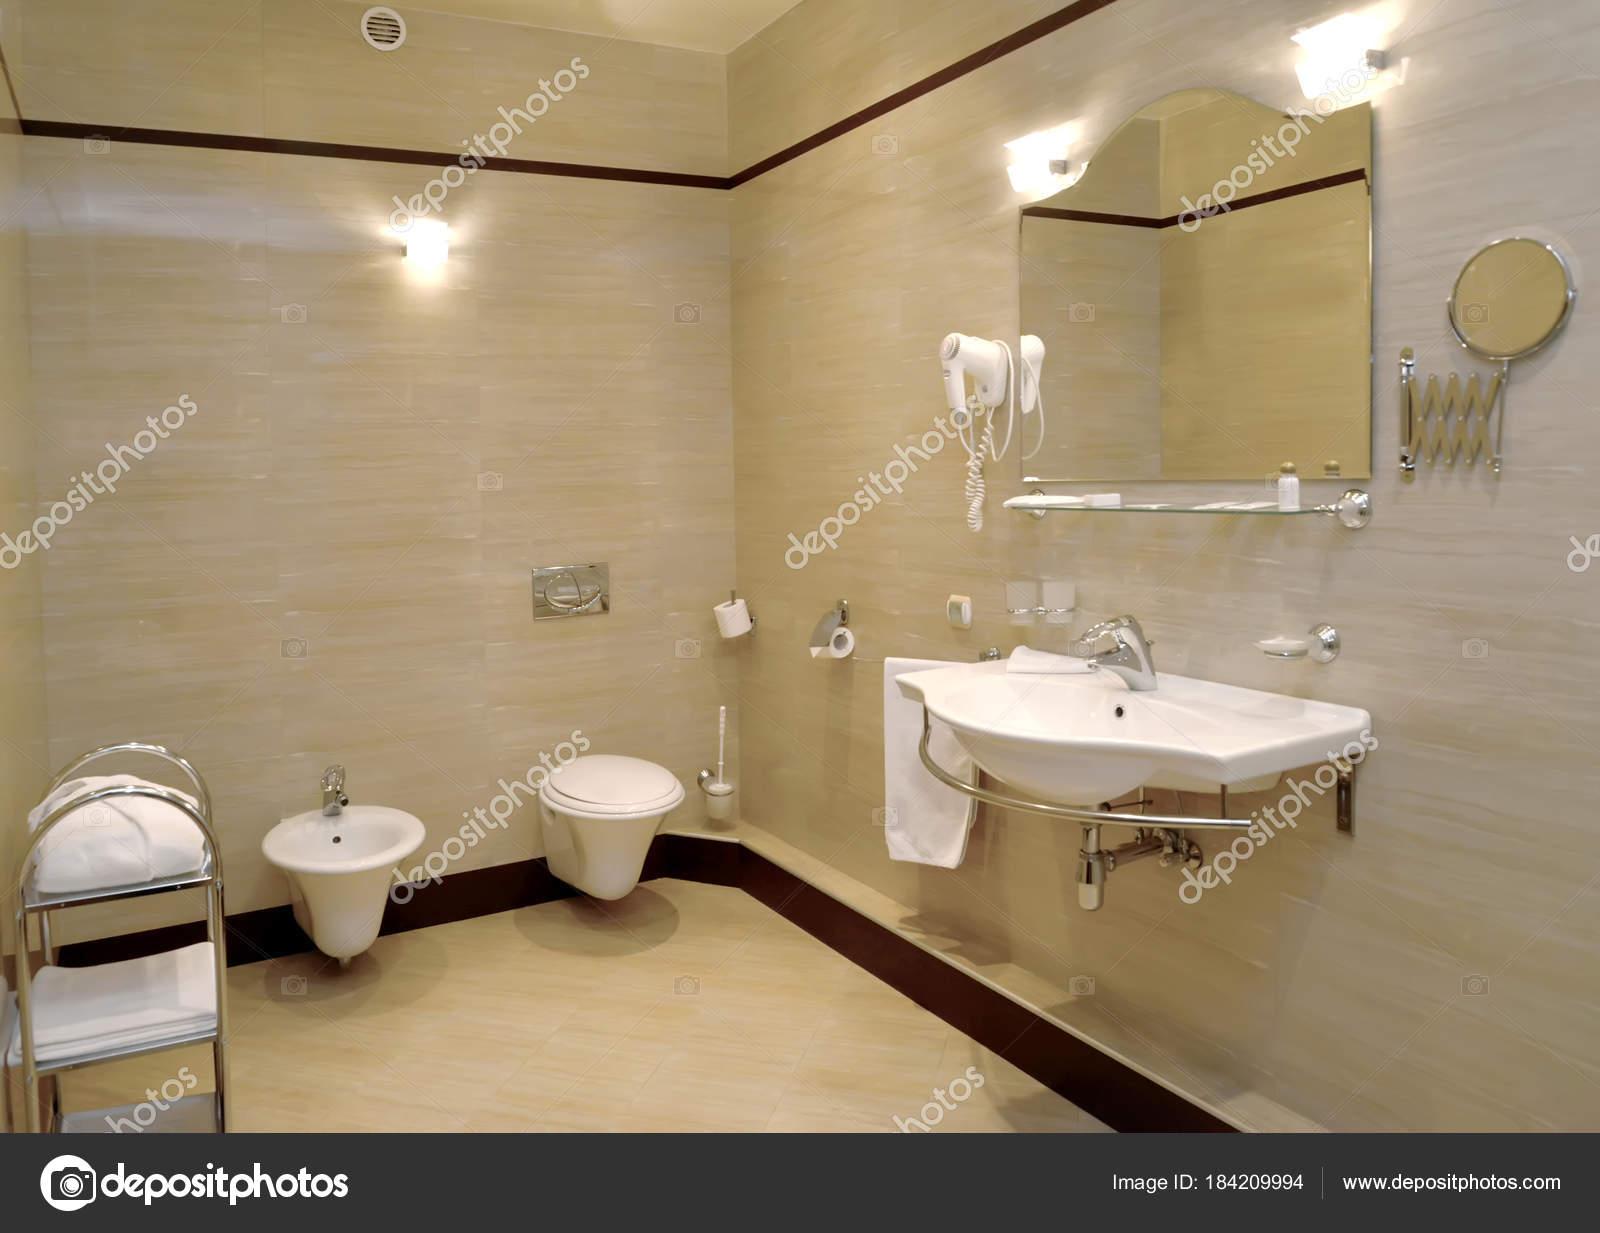 Foto Bagni Chiari : Interno del bagno in toni chiari u2014 foto stock © vodolej #184209994